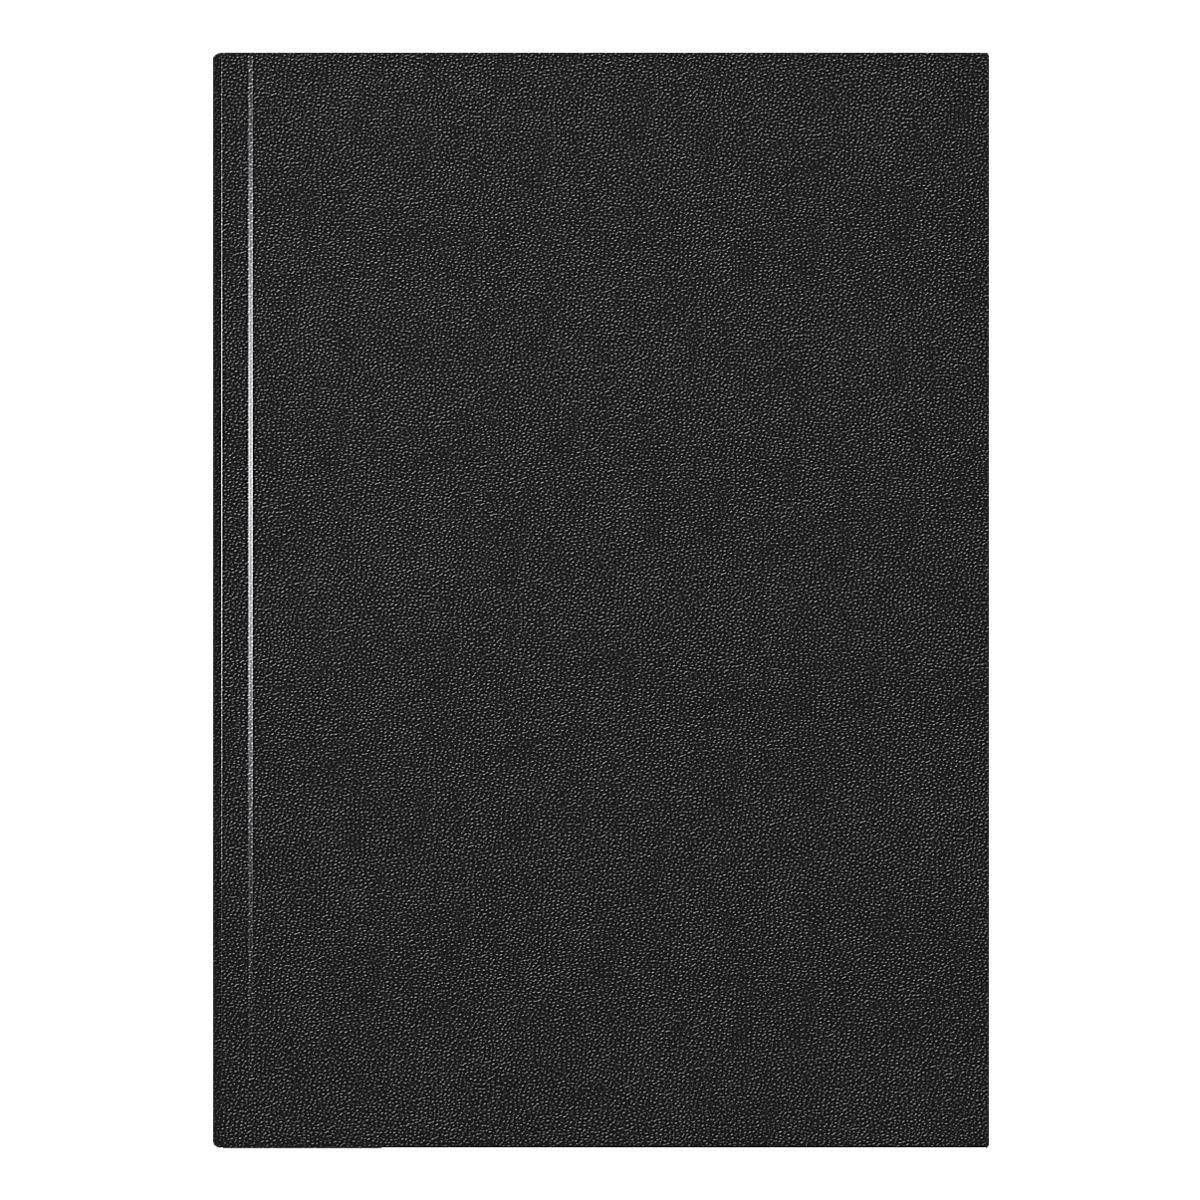 Notizbuch A5 kariert - 192 Seiten